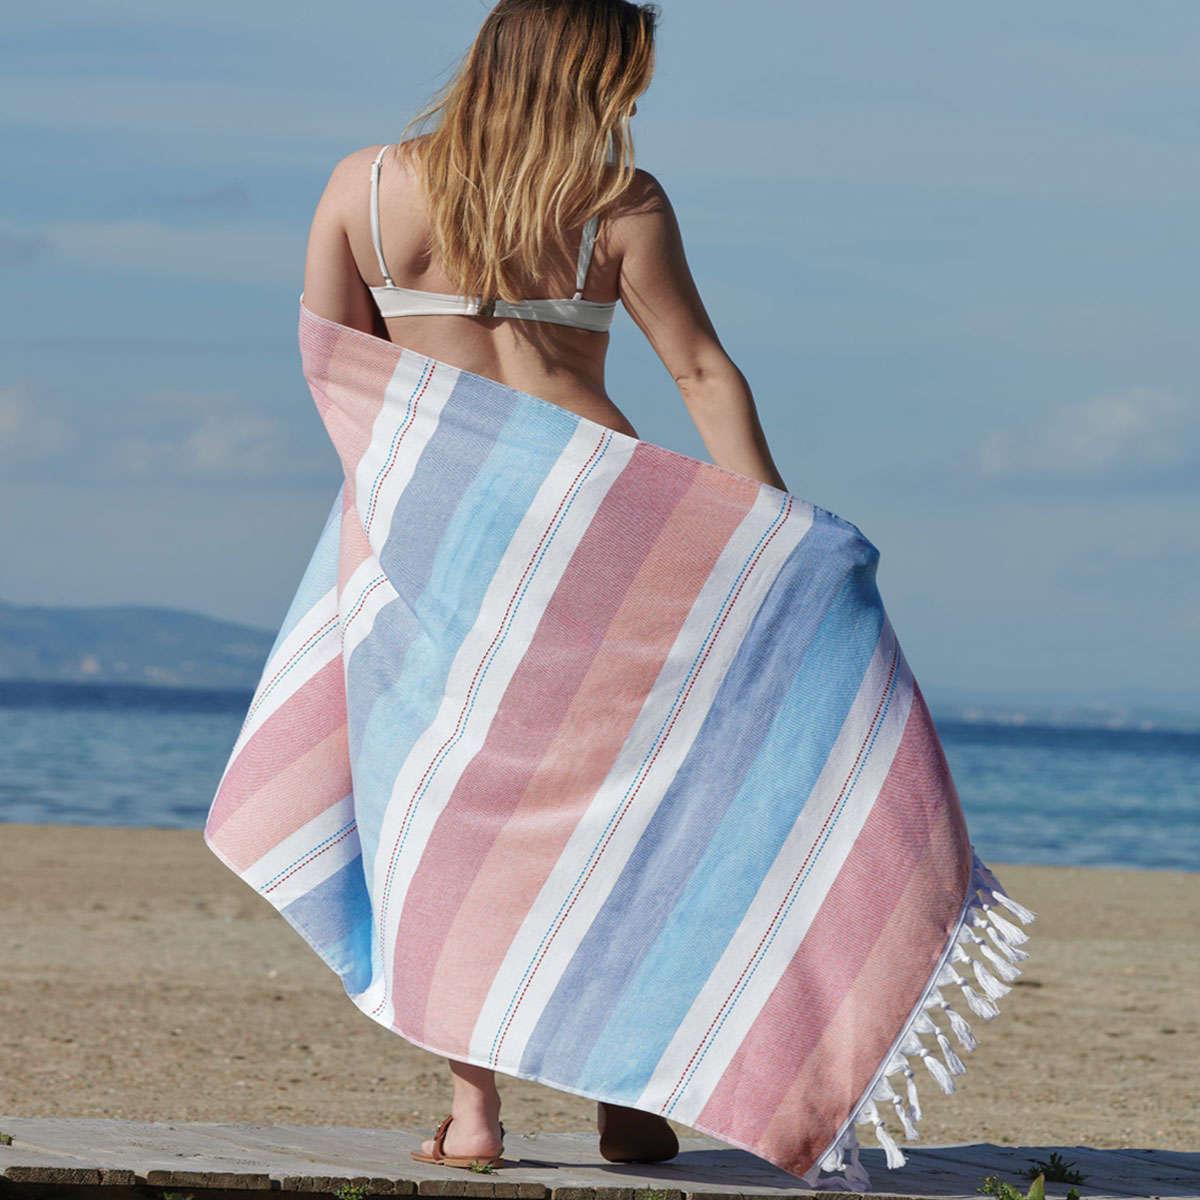 Πετσέτα Θαλάσσης – Παρεό Akti 19 Blue Kentia Θαλάσσης 90x180cm